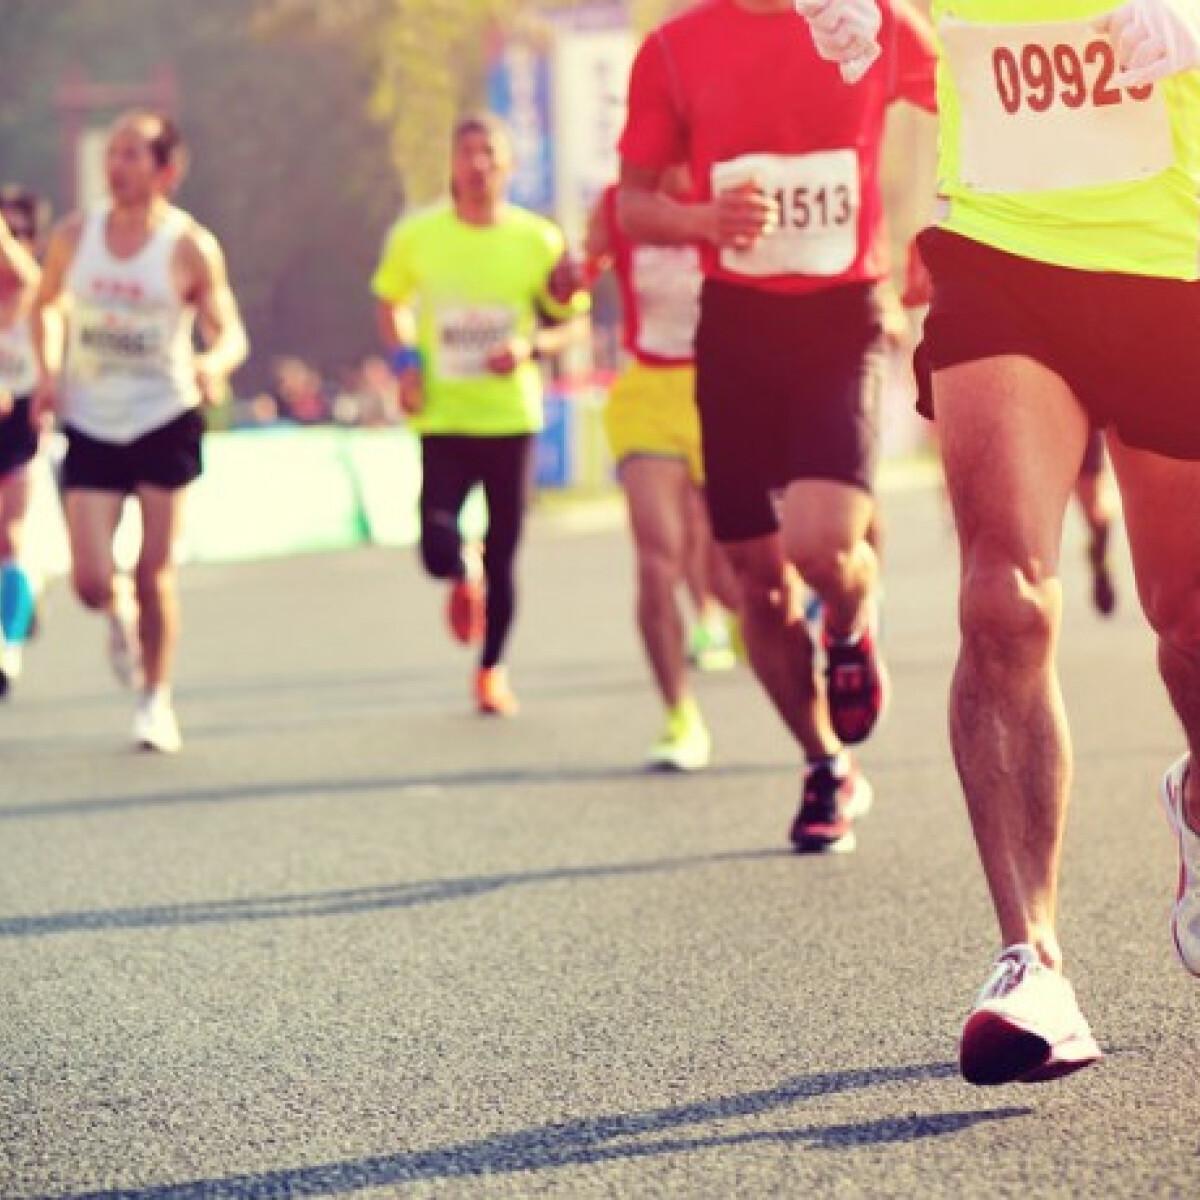 Hirtelen szívmegállás sportolás közben - mi áll ennek a hátterében?